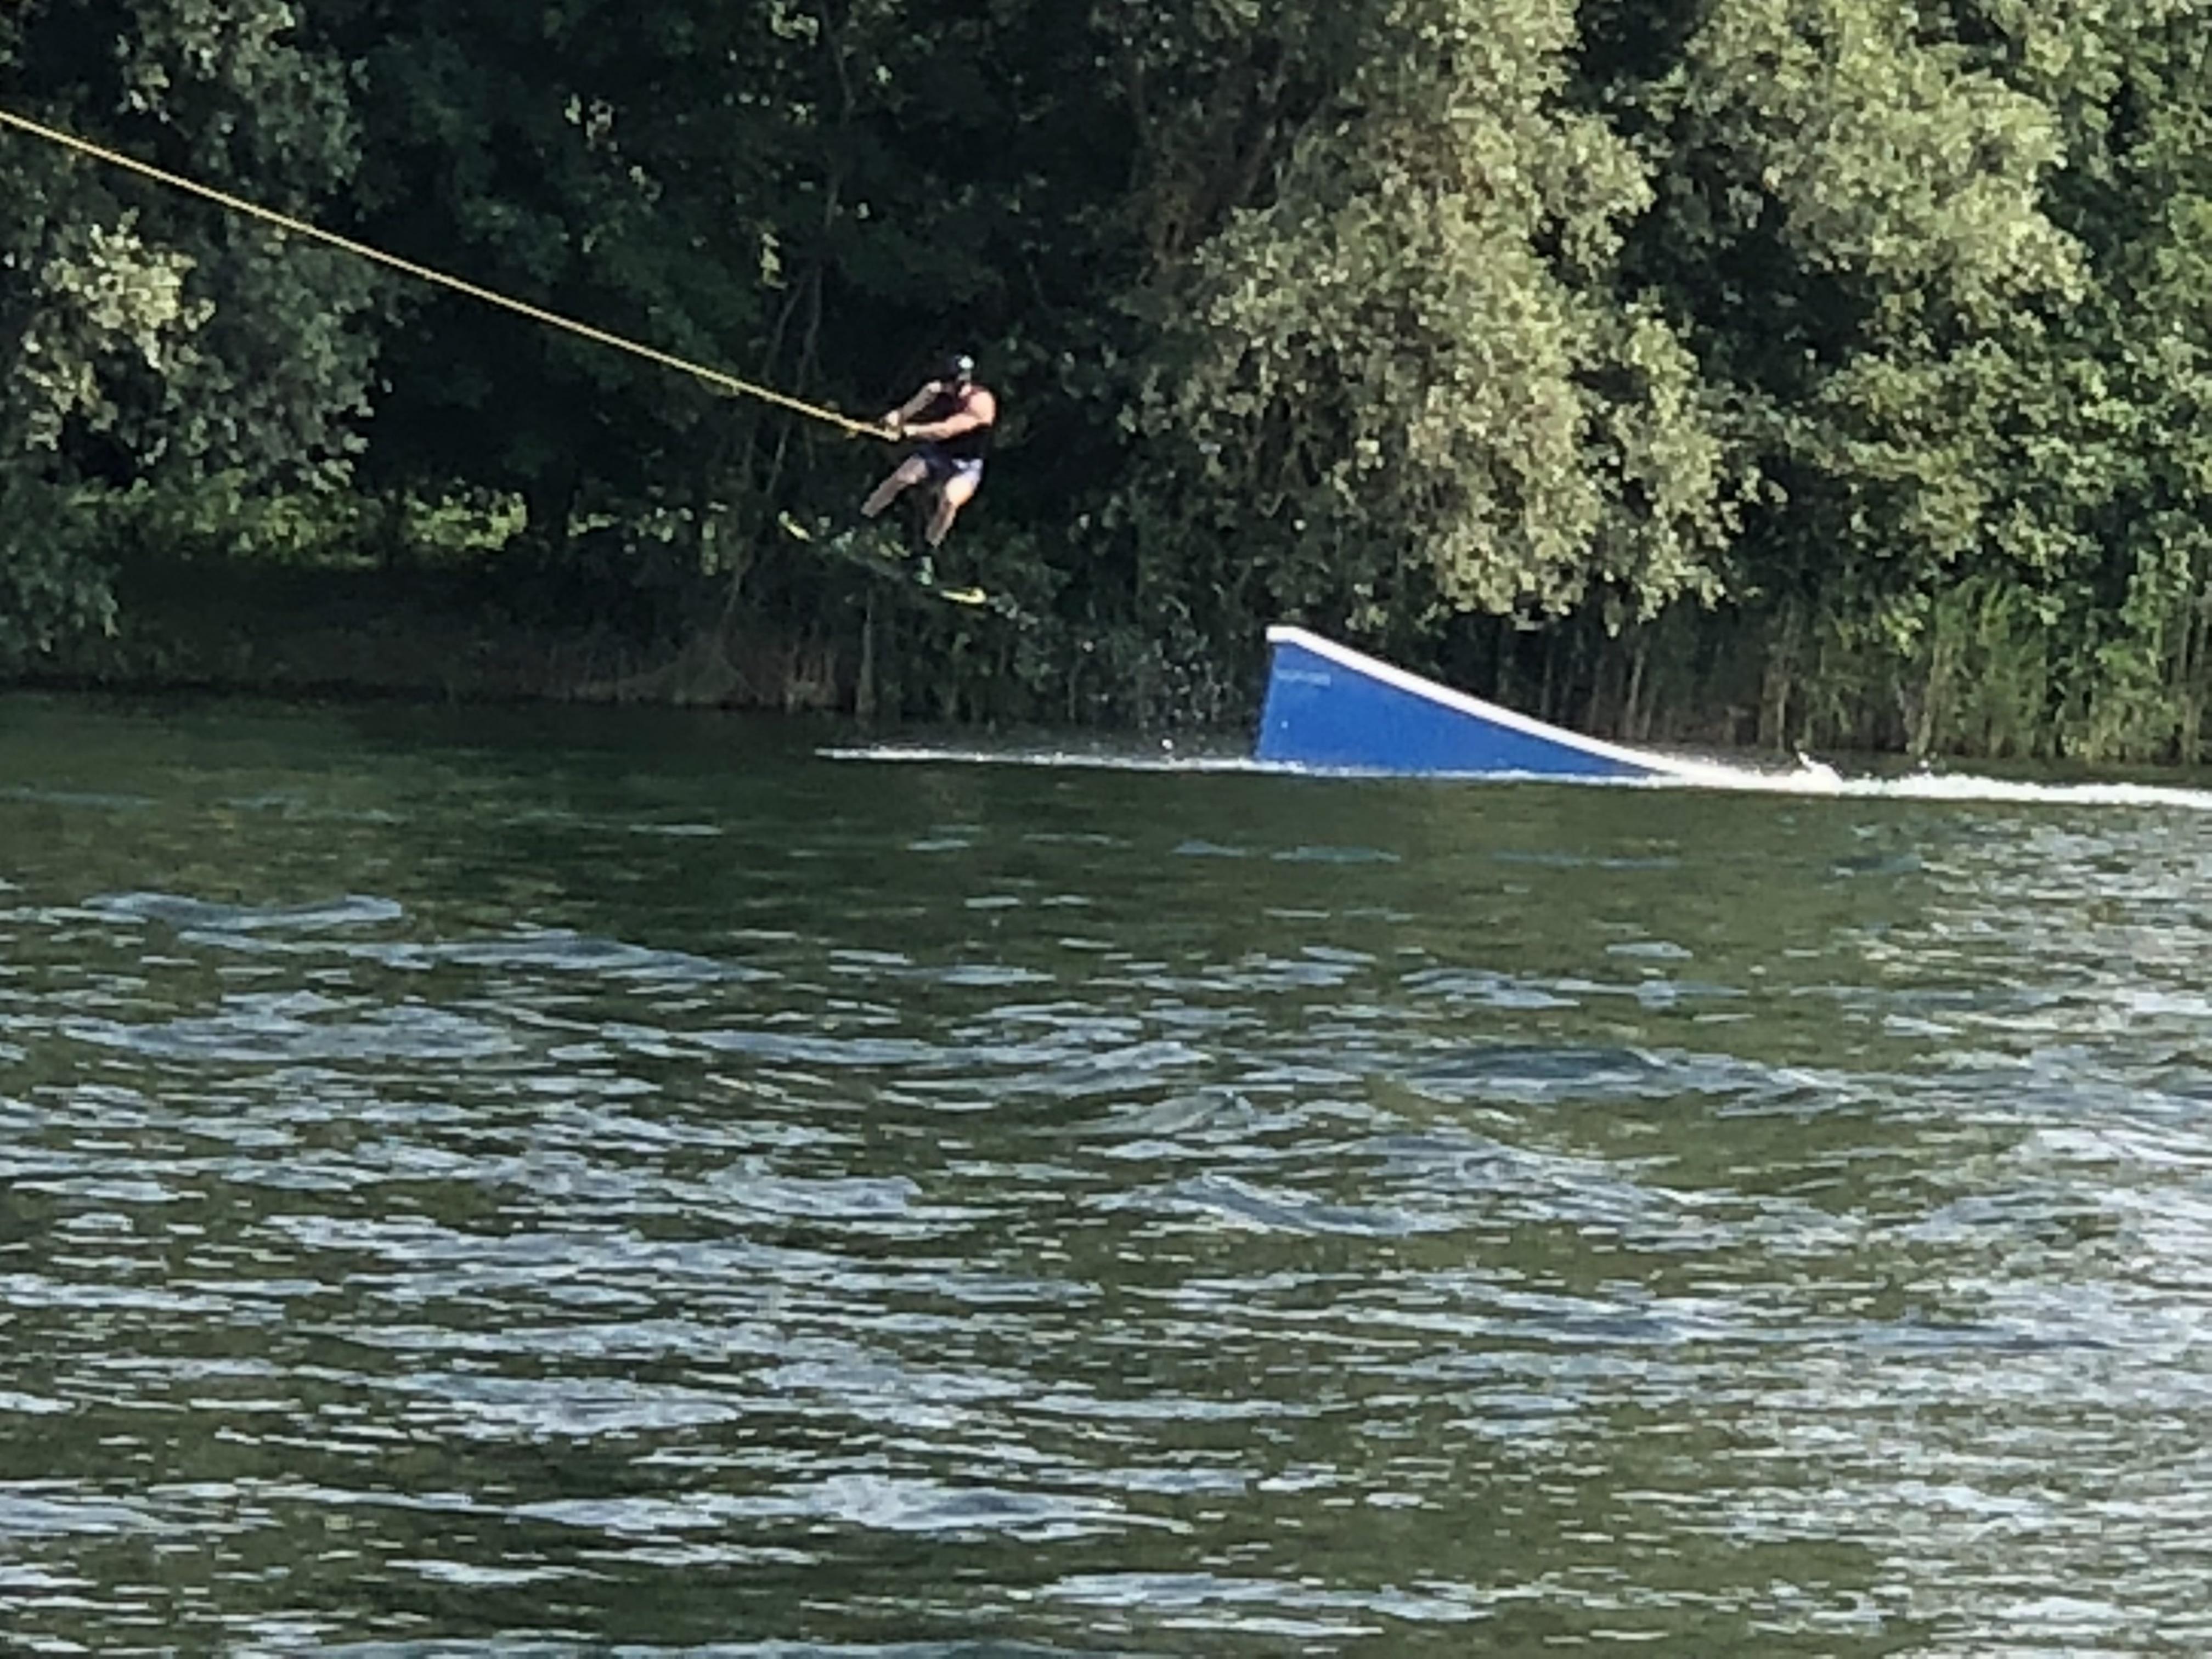 Go over a jump